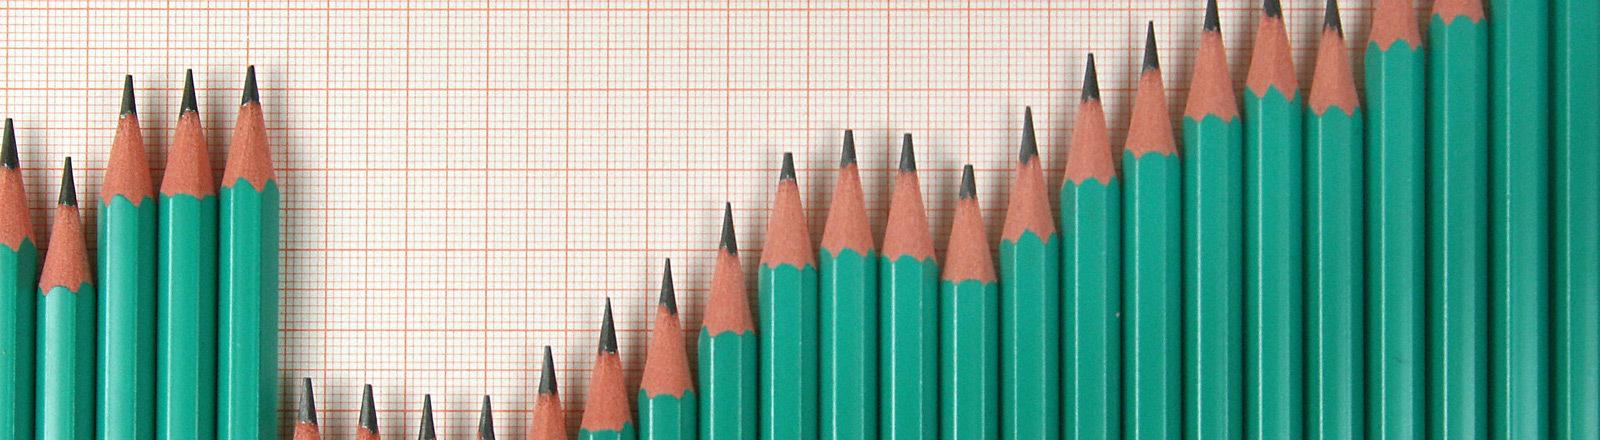 Symbolbild: Bleistifte formen einen Börsenkurs.